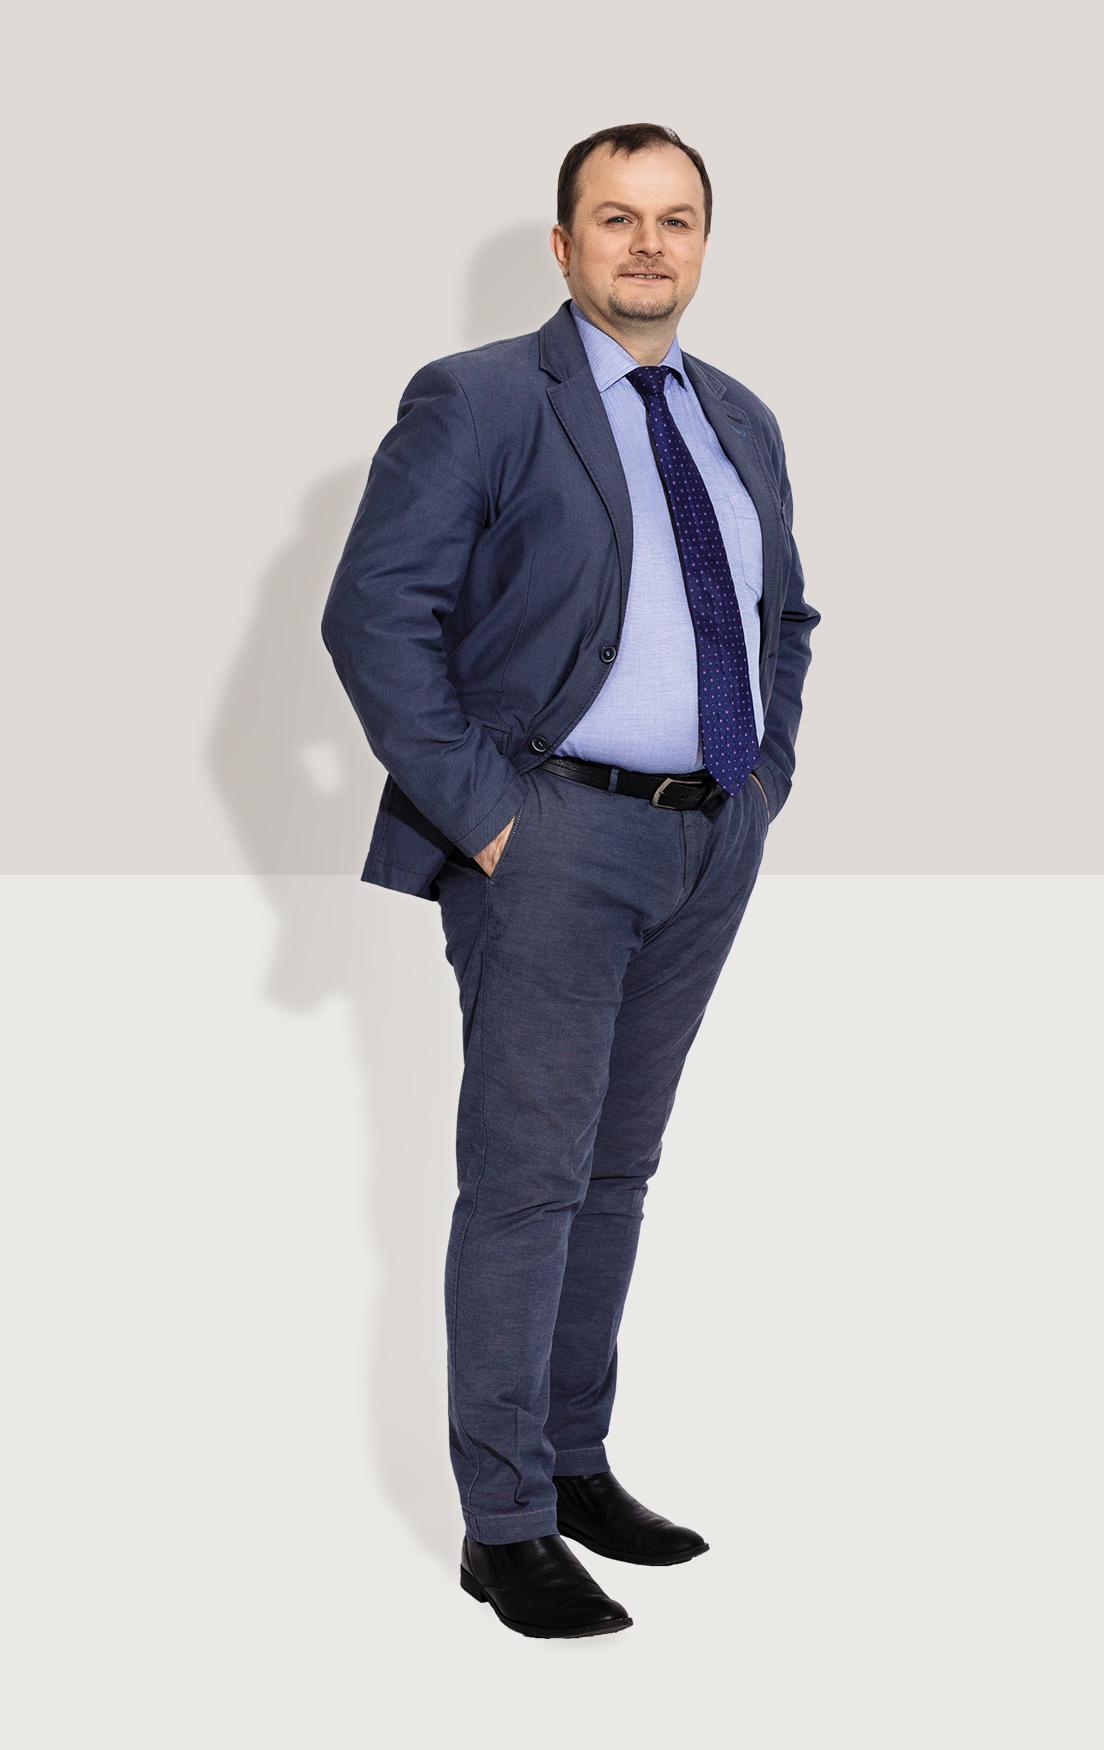 Renārs Gasūns